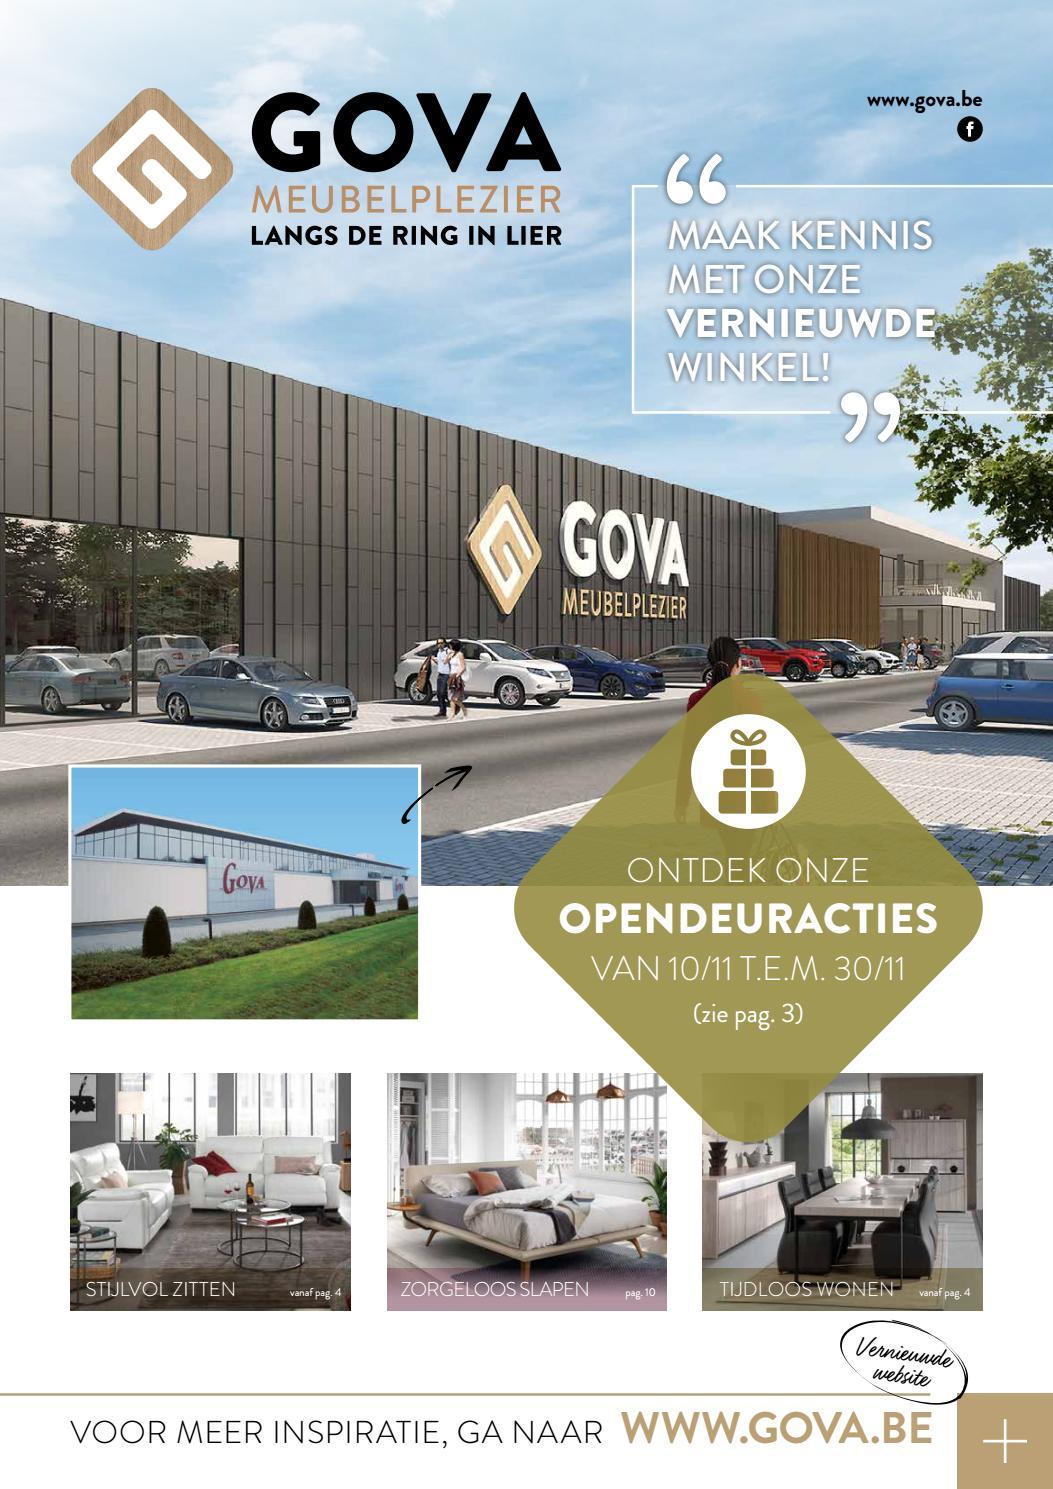 b2ea739175b Meubelen GOVA - Folder - Opendeurdagen - november 2018 by markedeer7 - issuu